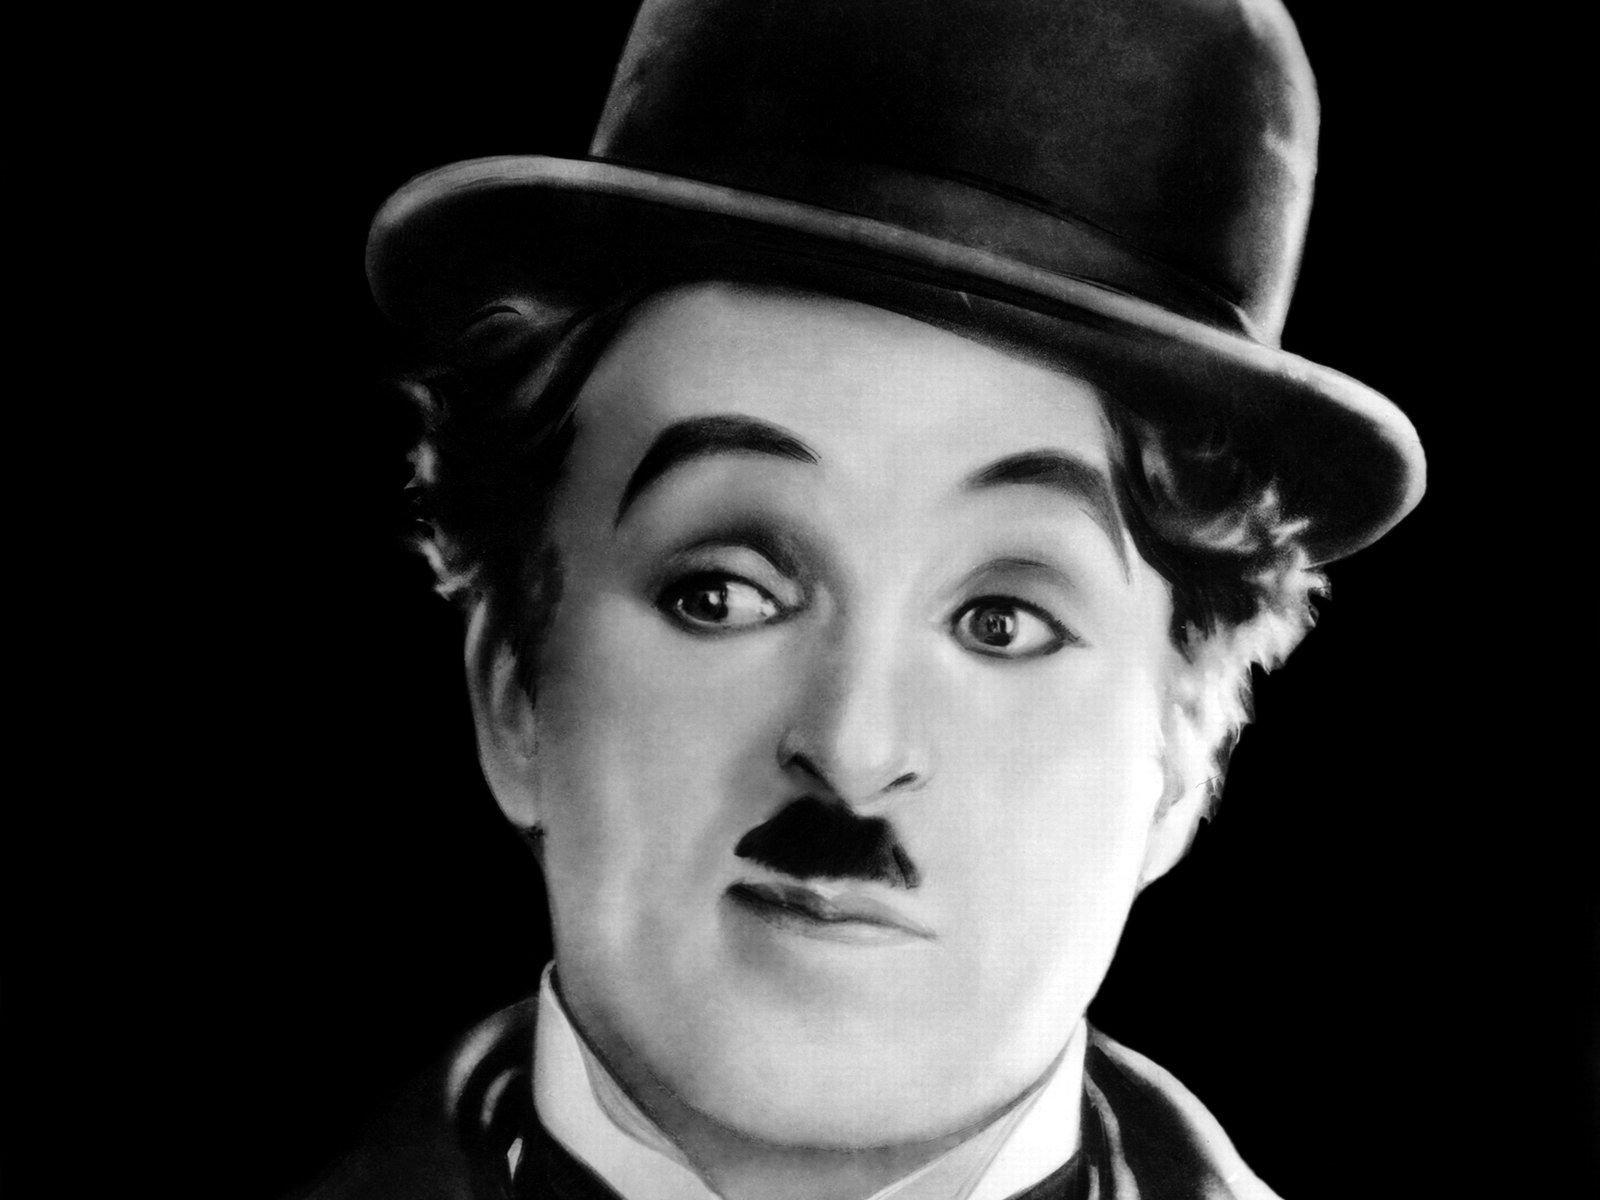 16 апреля, 125 лет назад, родился сэр Чарльз Спенсер Чаплин. - Изображение 1